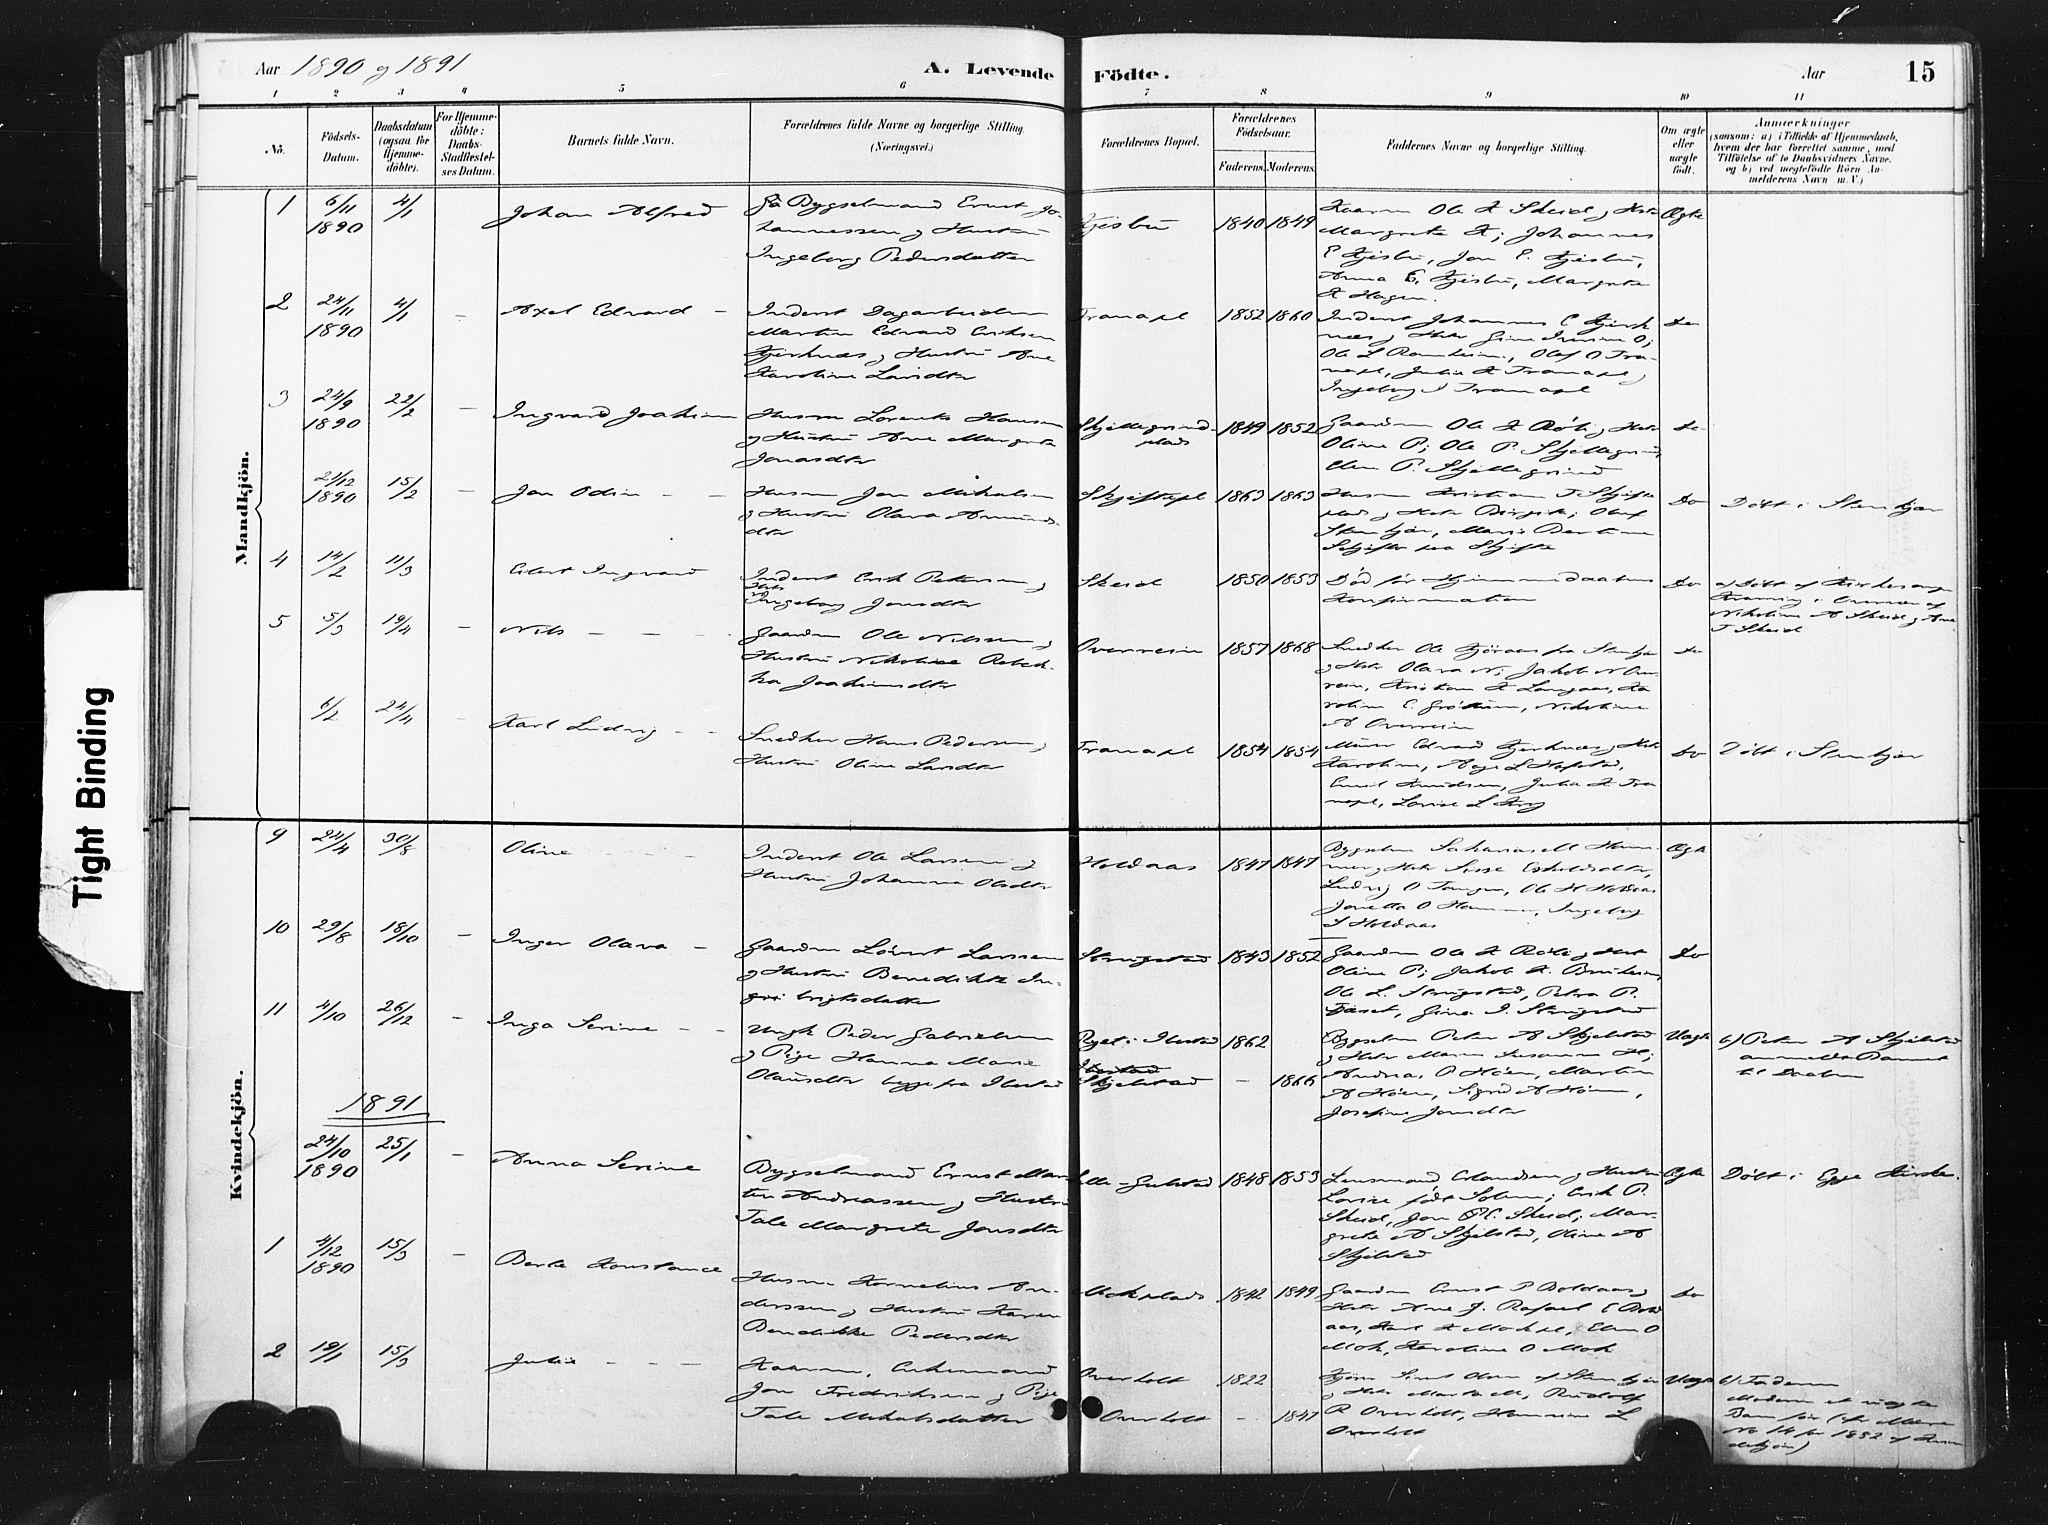 SAT, Ministerialprotokoller, klokkerbøker og fødselsregistre - Nord-Trøndelag, 736/L0361: Ministerialbok nr. 736A01, 1884-1906, s. 15